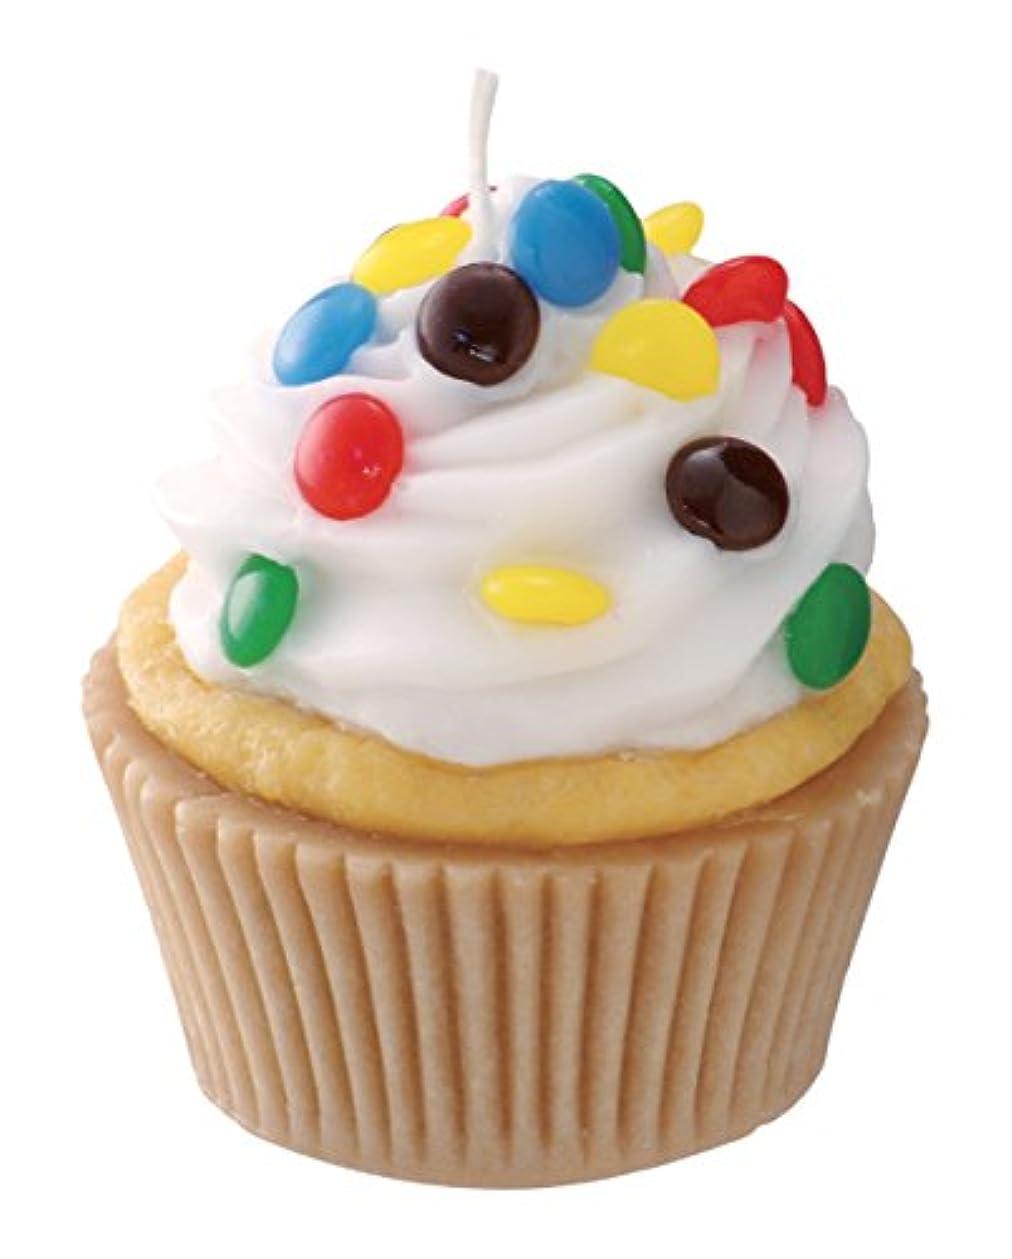 プロフィール統治する比類のないカメヤマキャンドルハウス 本物そっくり! アメリカンカップケーキキャンドル ホワイトクリーム チョコレートの香り